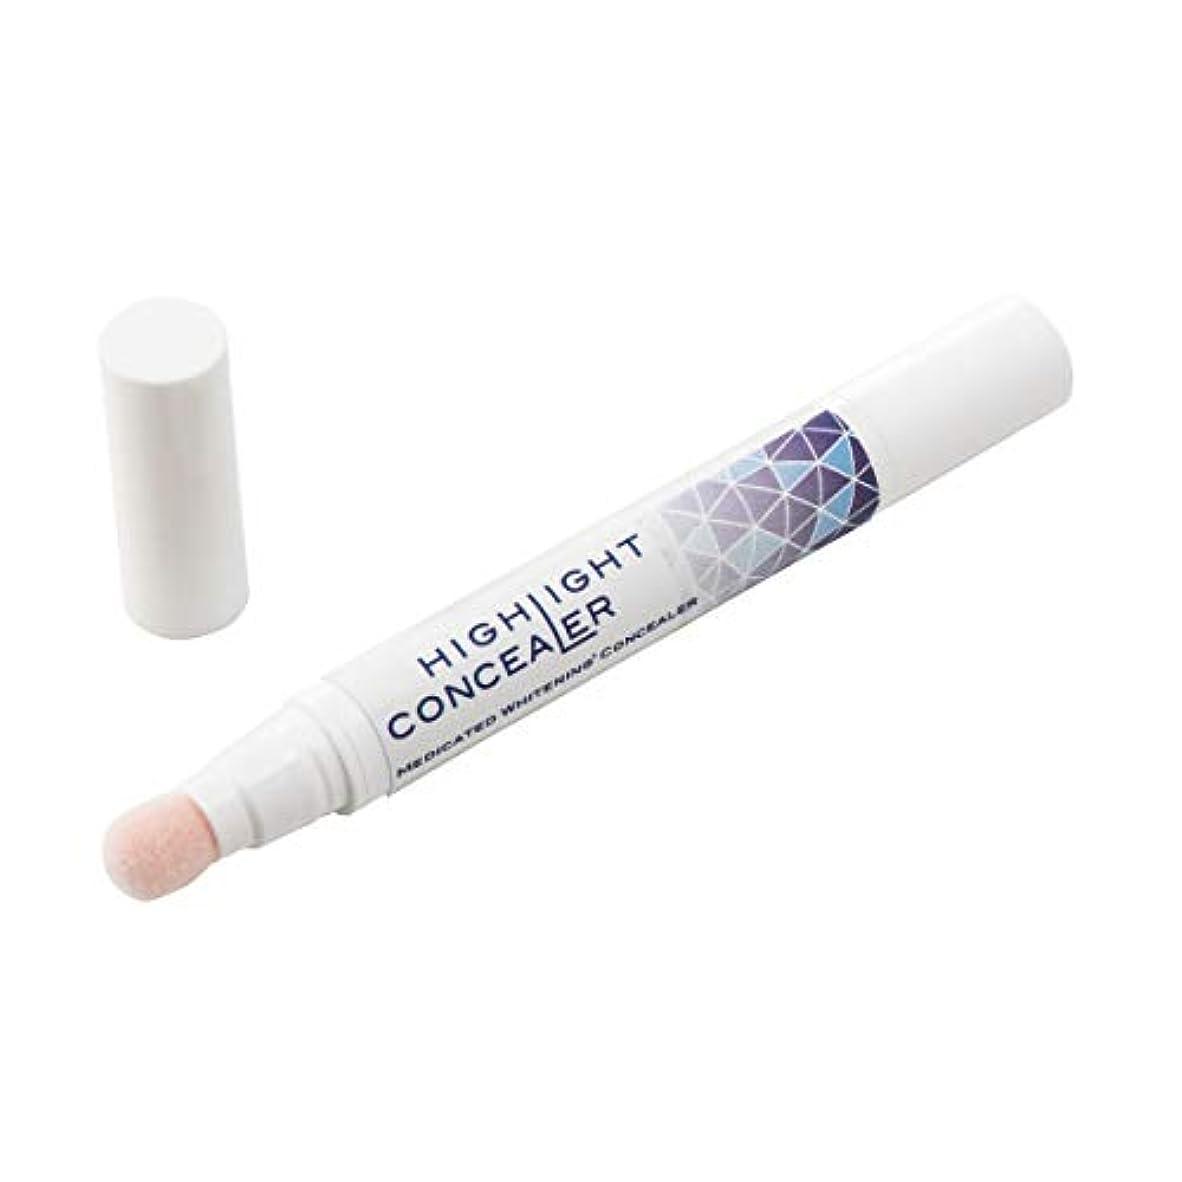 芝生中性母しみ取り化粧品 コンシーラー ハイライト 薬用美白 ハイライトコンシーラー